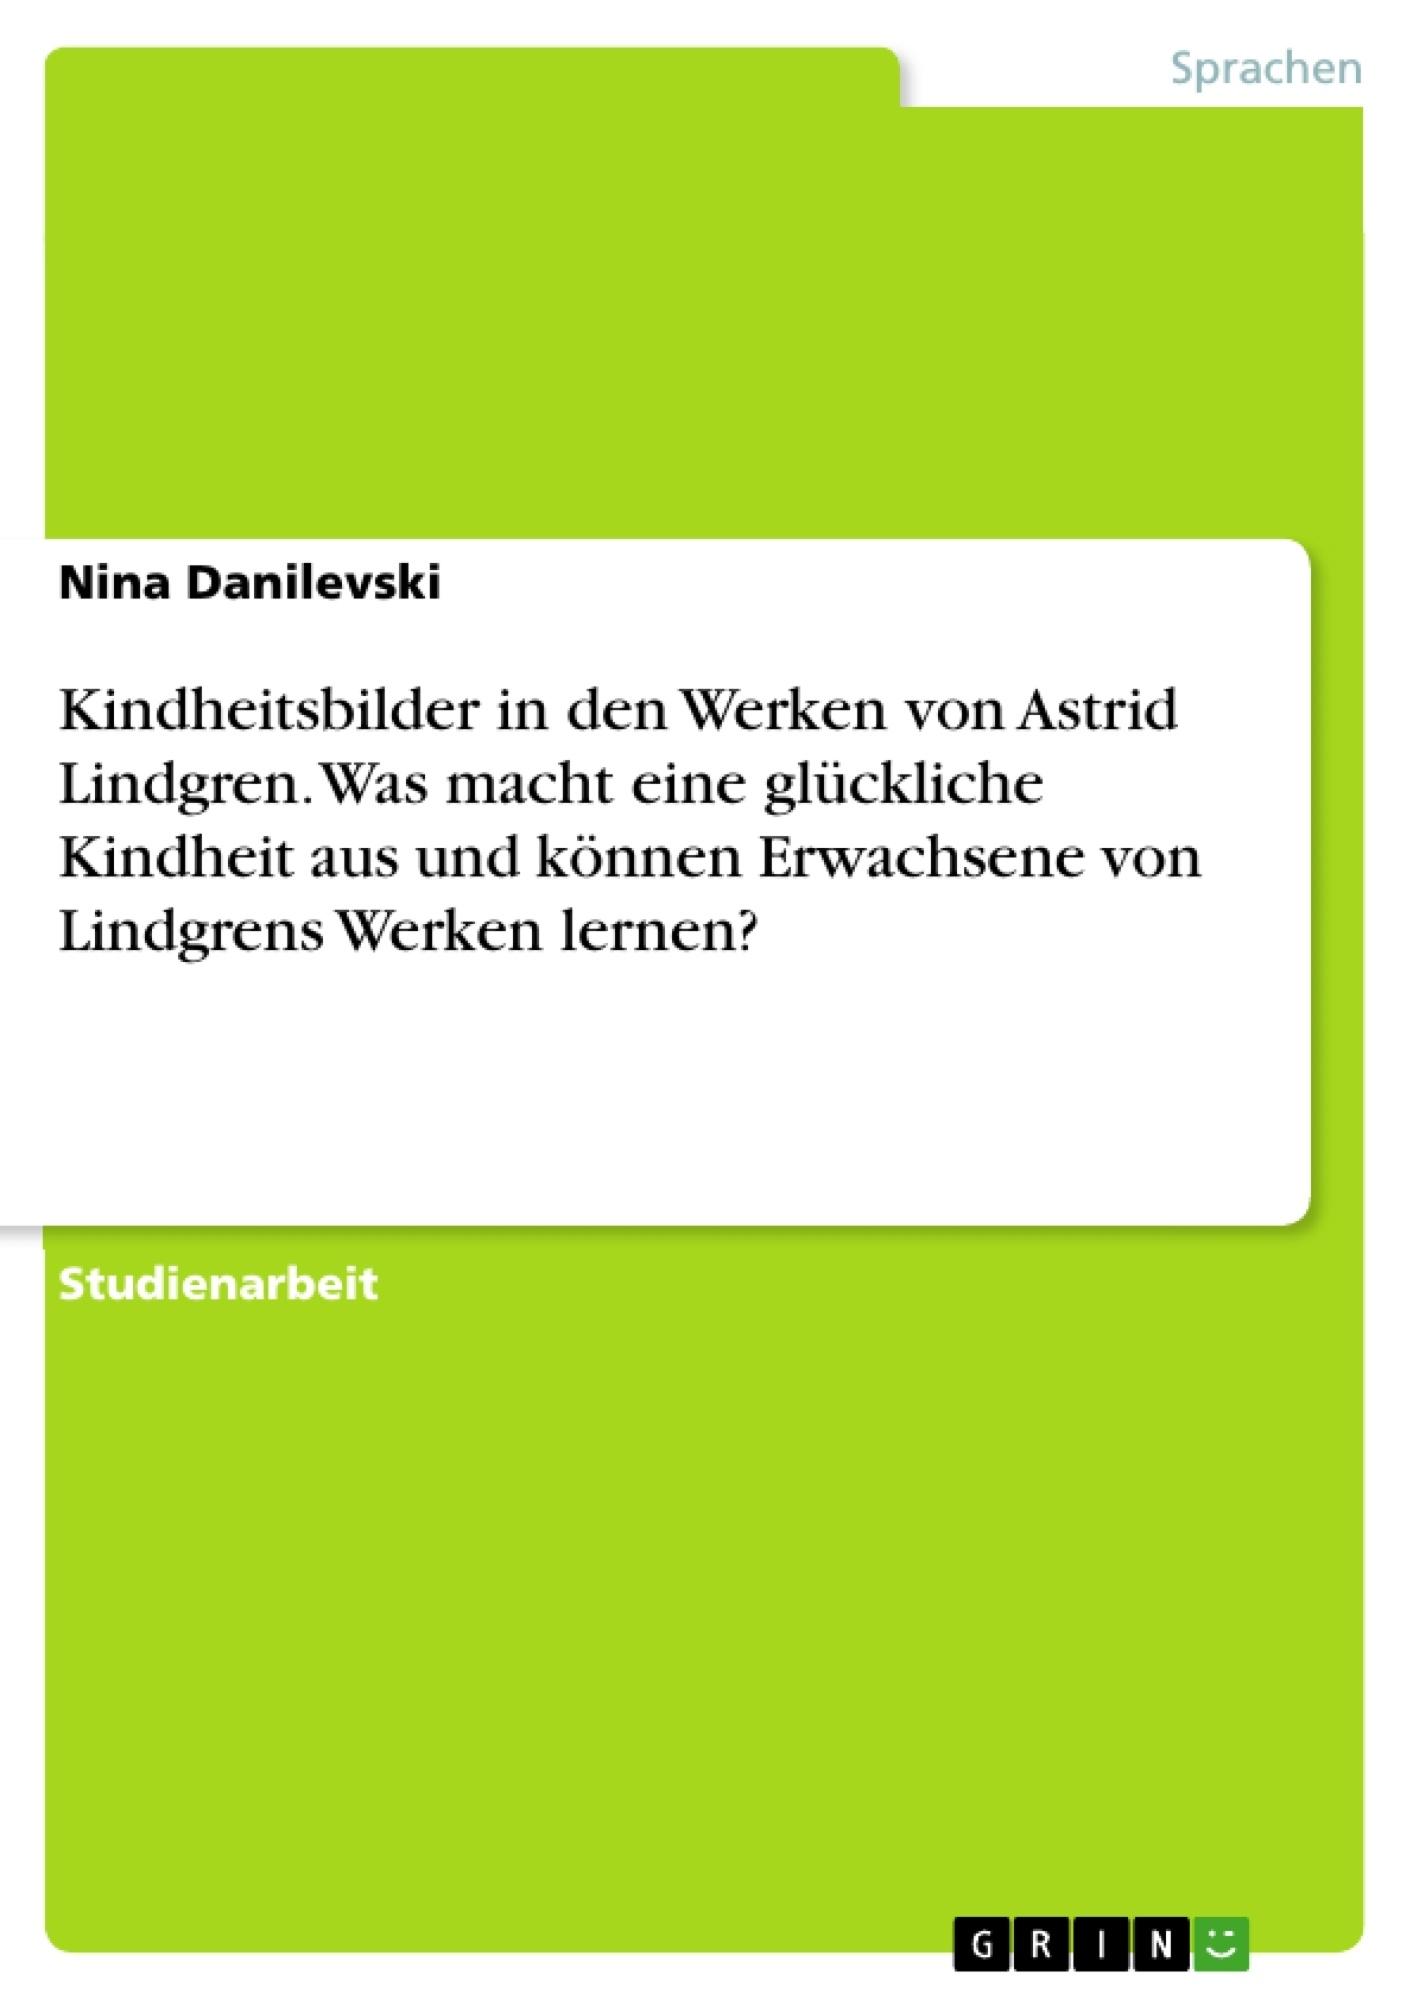 Titel: Kindheitsbilder in den Werken von Astrid Lindgren. Was macht eine glückliche Kindheit aus und können Erwachsene von Lindgrens Werken lernen?